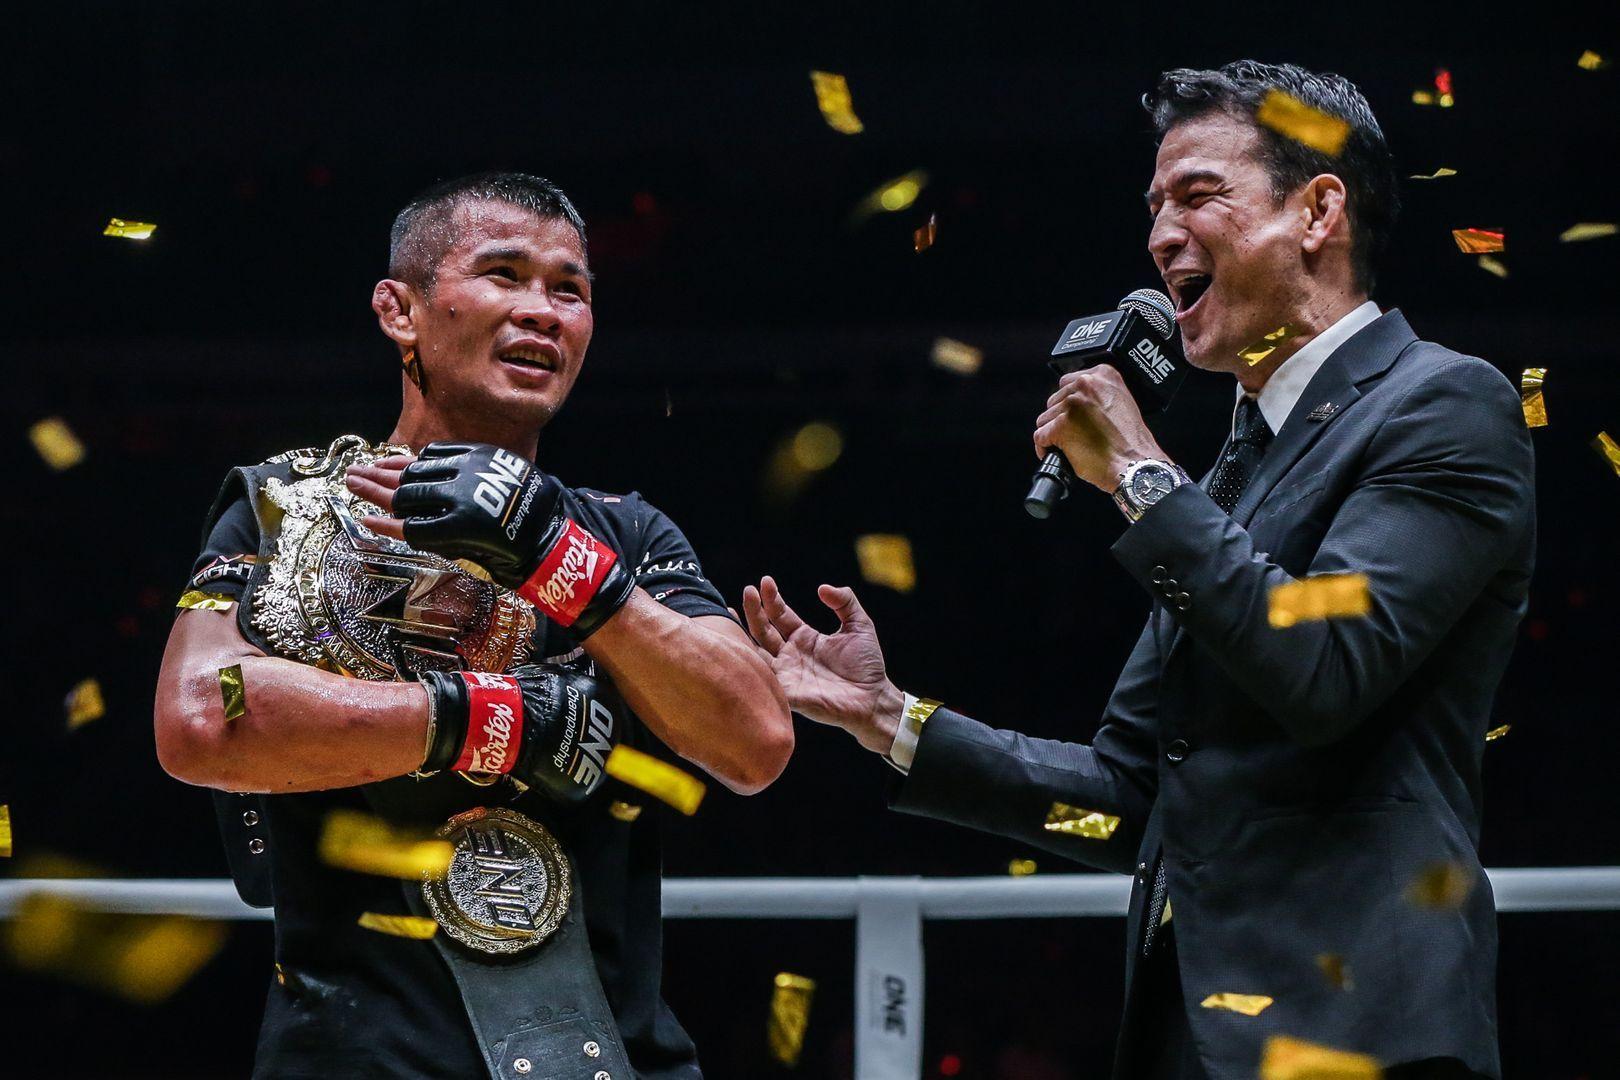 ONE Bamtamweight Muay THai World Champion Nong-O Gaiyanghadao at ONE: EDGE OF GREATNESS